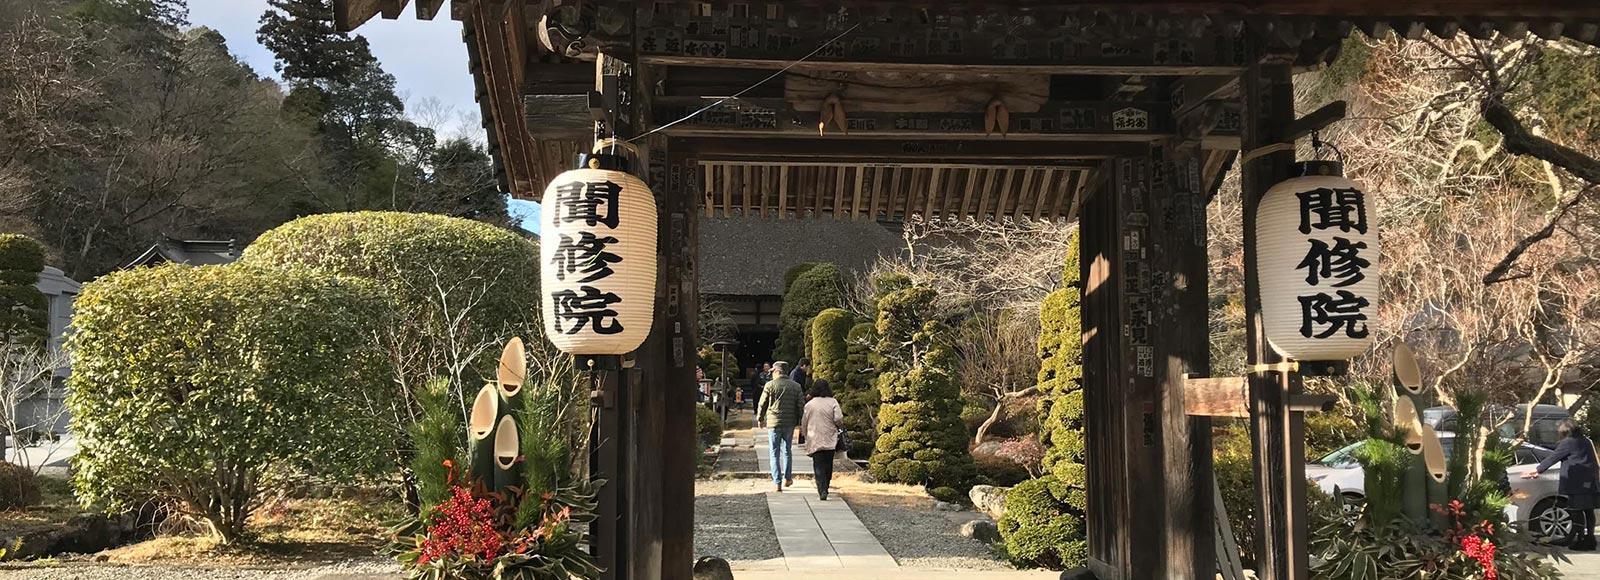 脈々と続く日本の伝統 冬のイベント特集